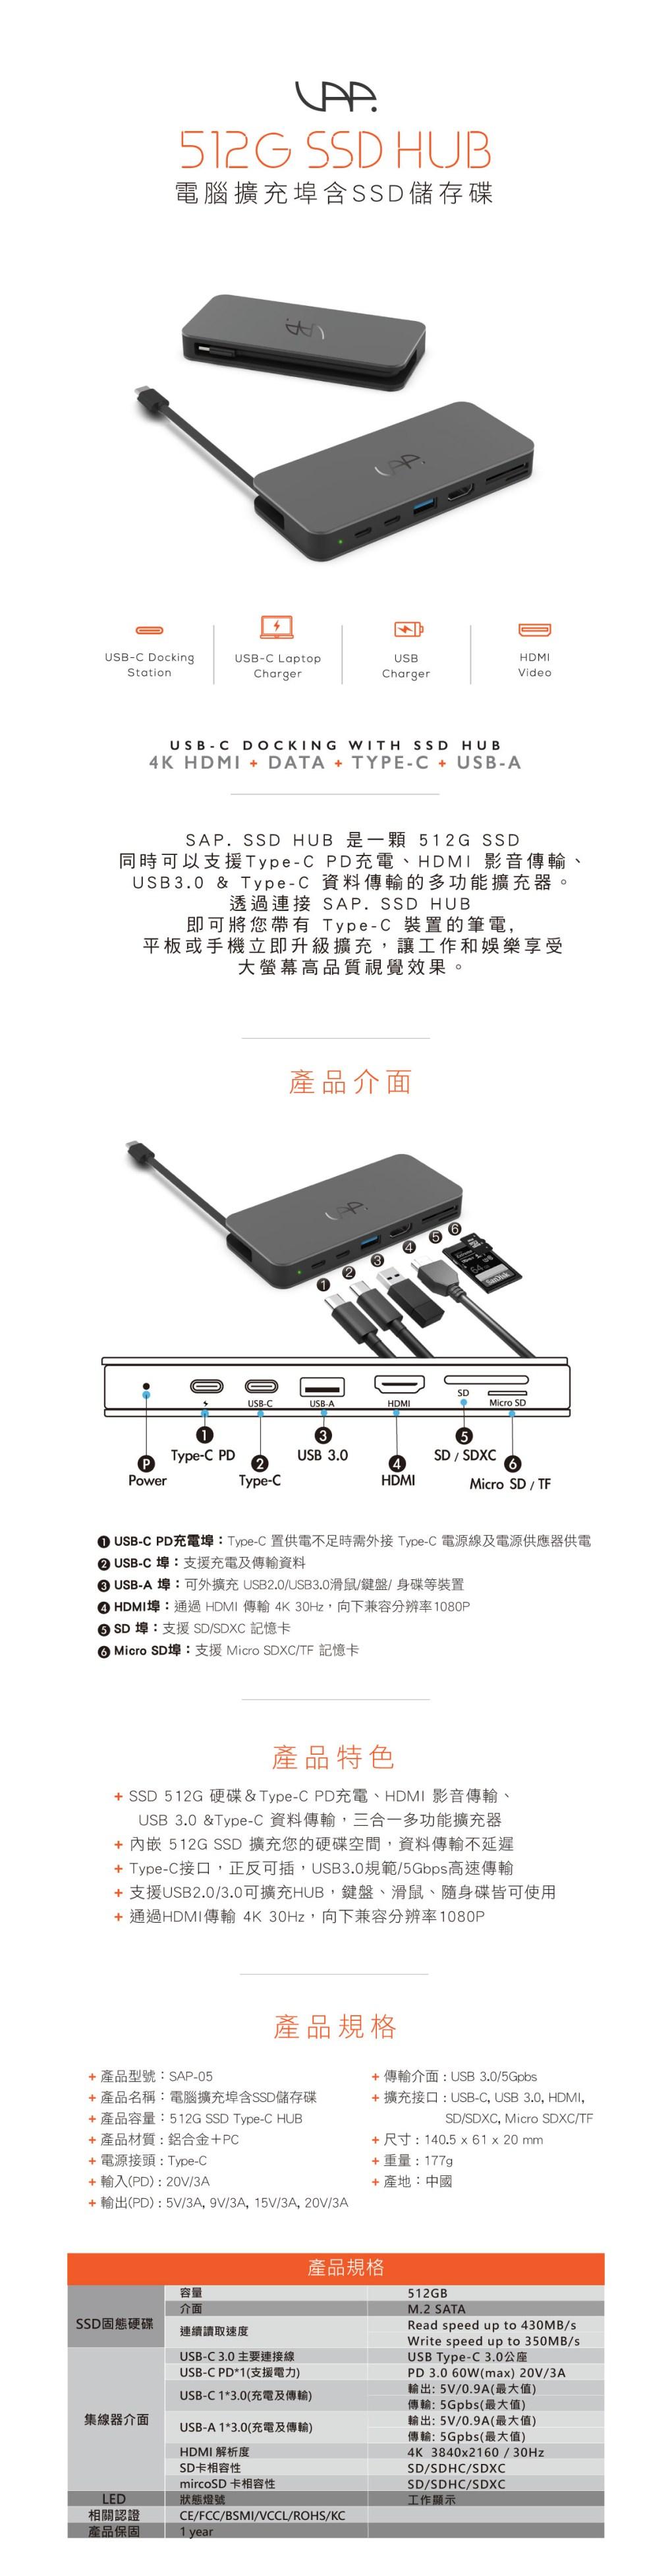 SAP SSD HUB (USB 集線器+高速SSD隨身硬碟) - sap ssd